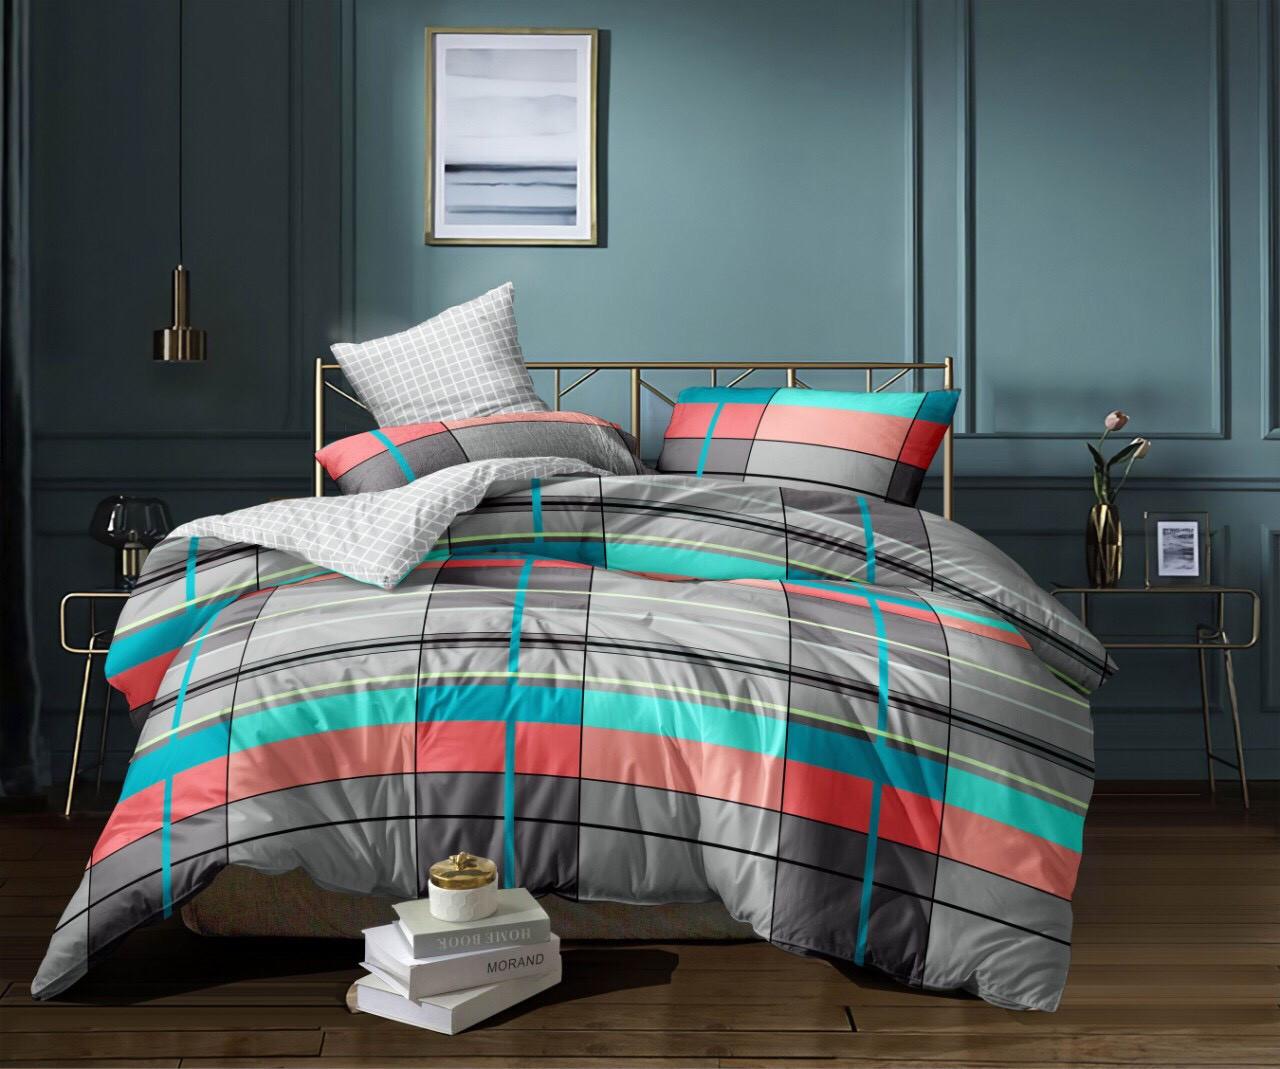 Двуспальный Евро комплект постельного белья из сатина (200*220 см). Акция: Бесплатная доставка!